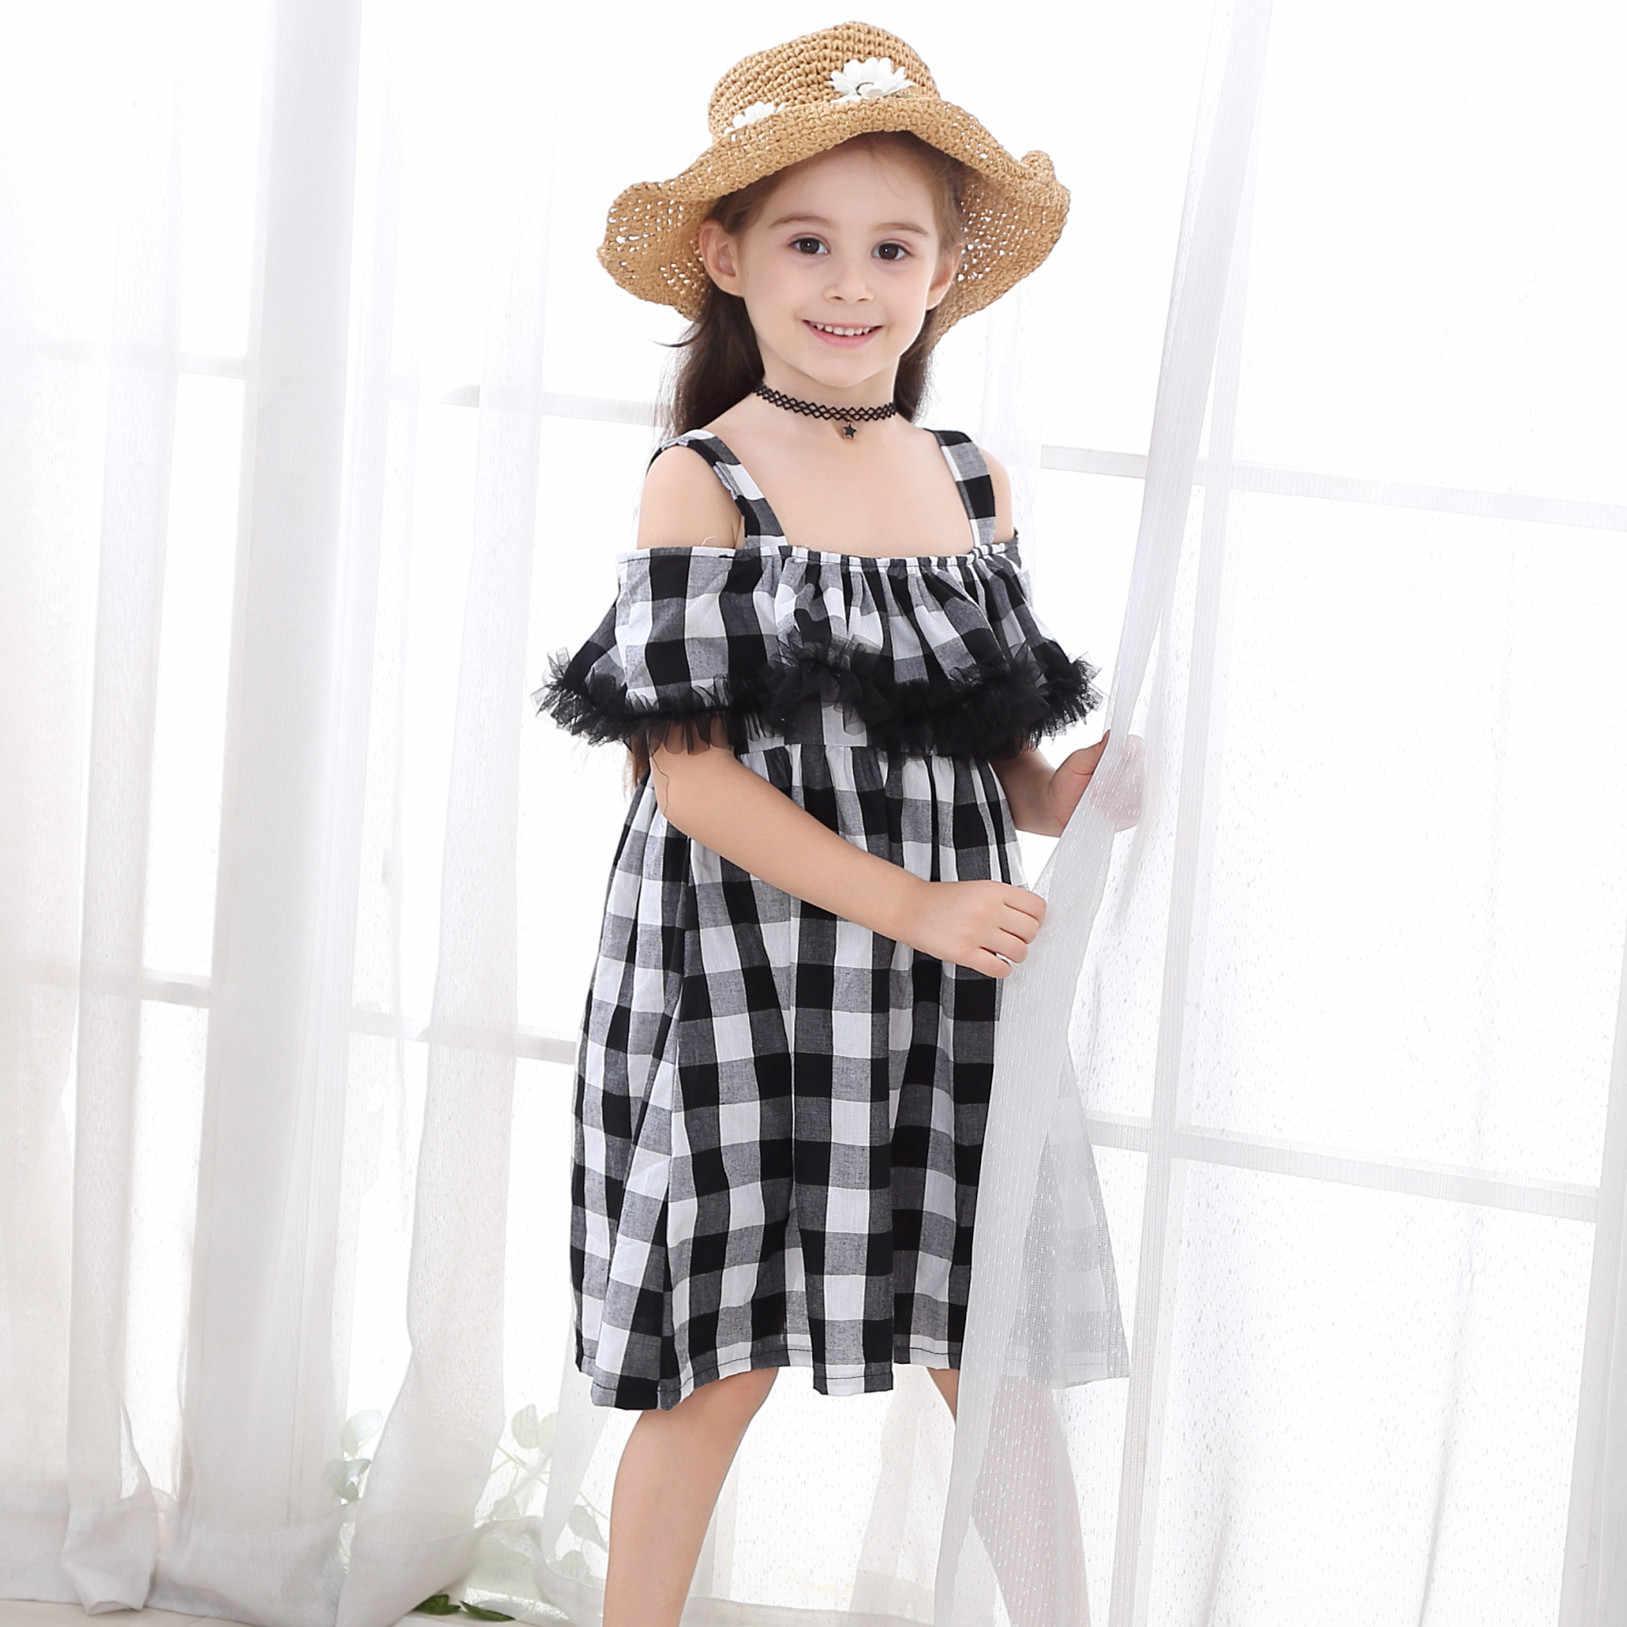 Милое Повседневное платье для девочек Лето 2019 г. Детские свободные клетчатые платья принцессы с открытыми плечами детские пляжные платья на бретельках